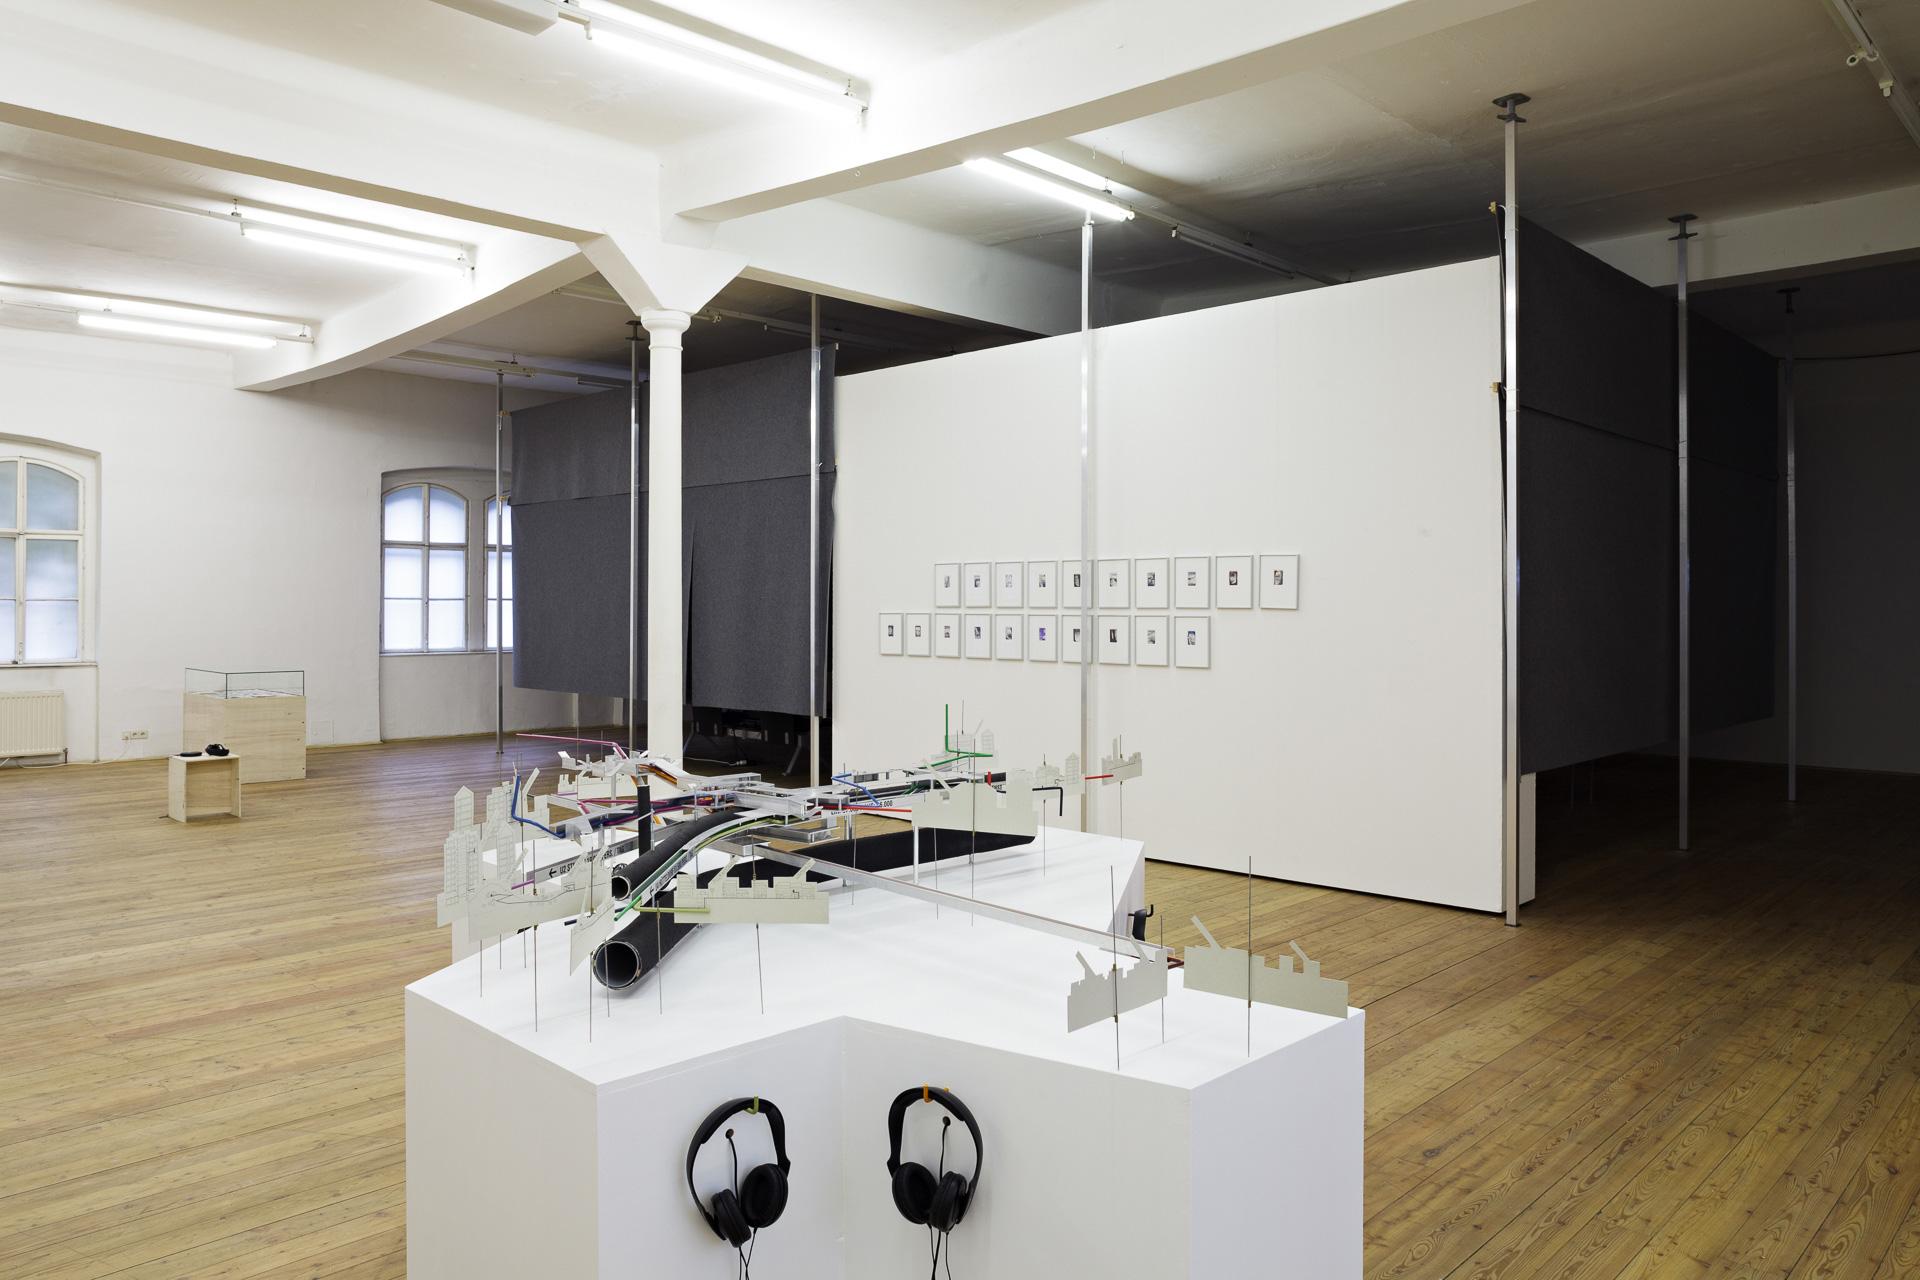 EXIT Karlsplatz, Kunsthalle Exnergasse, 2012